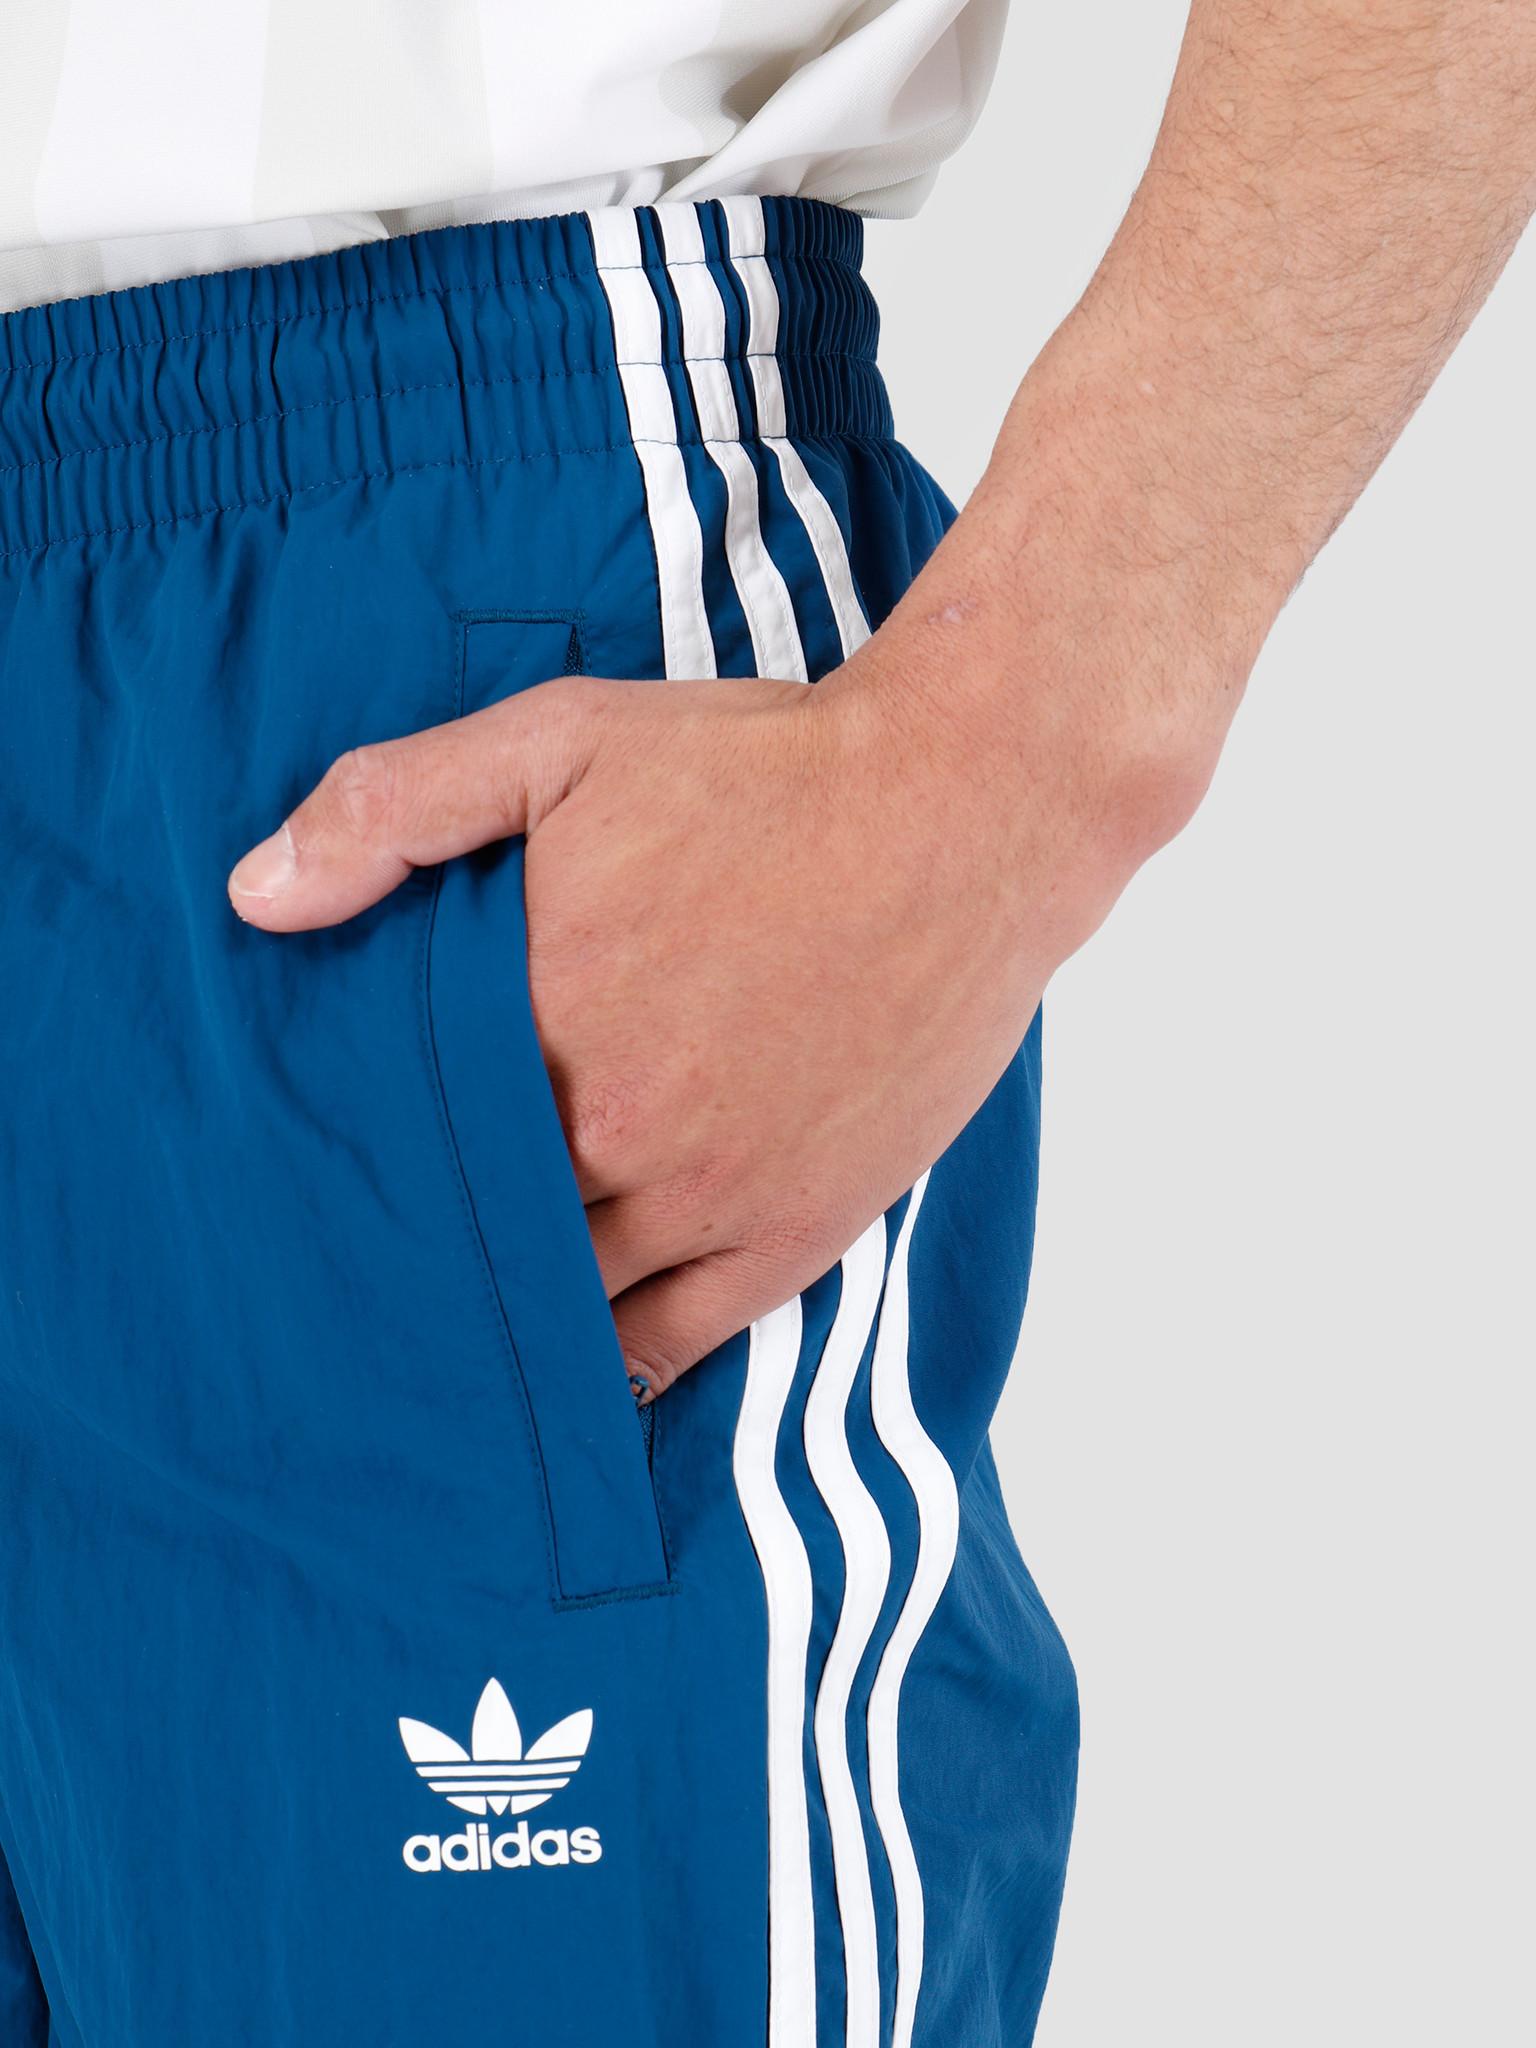 adidas adidas 3-Stripes Swim Legmar DV1578